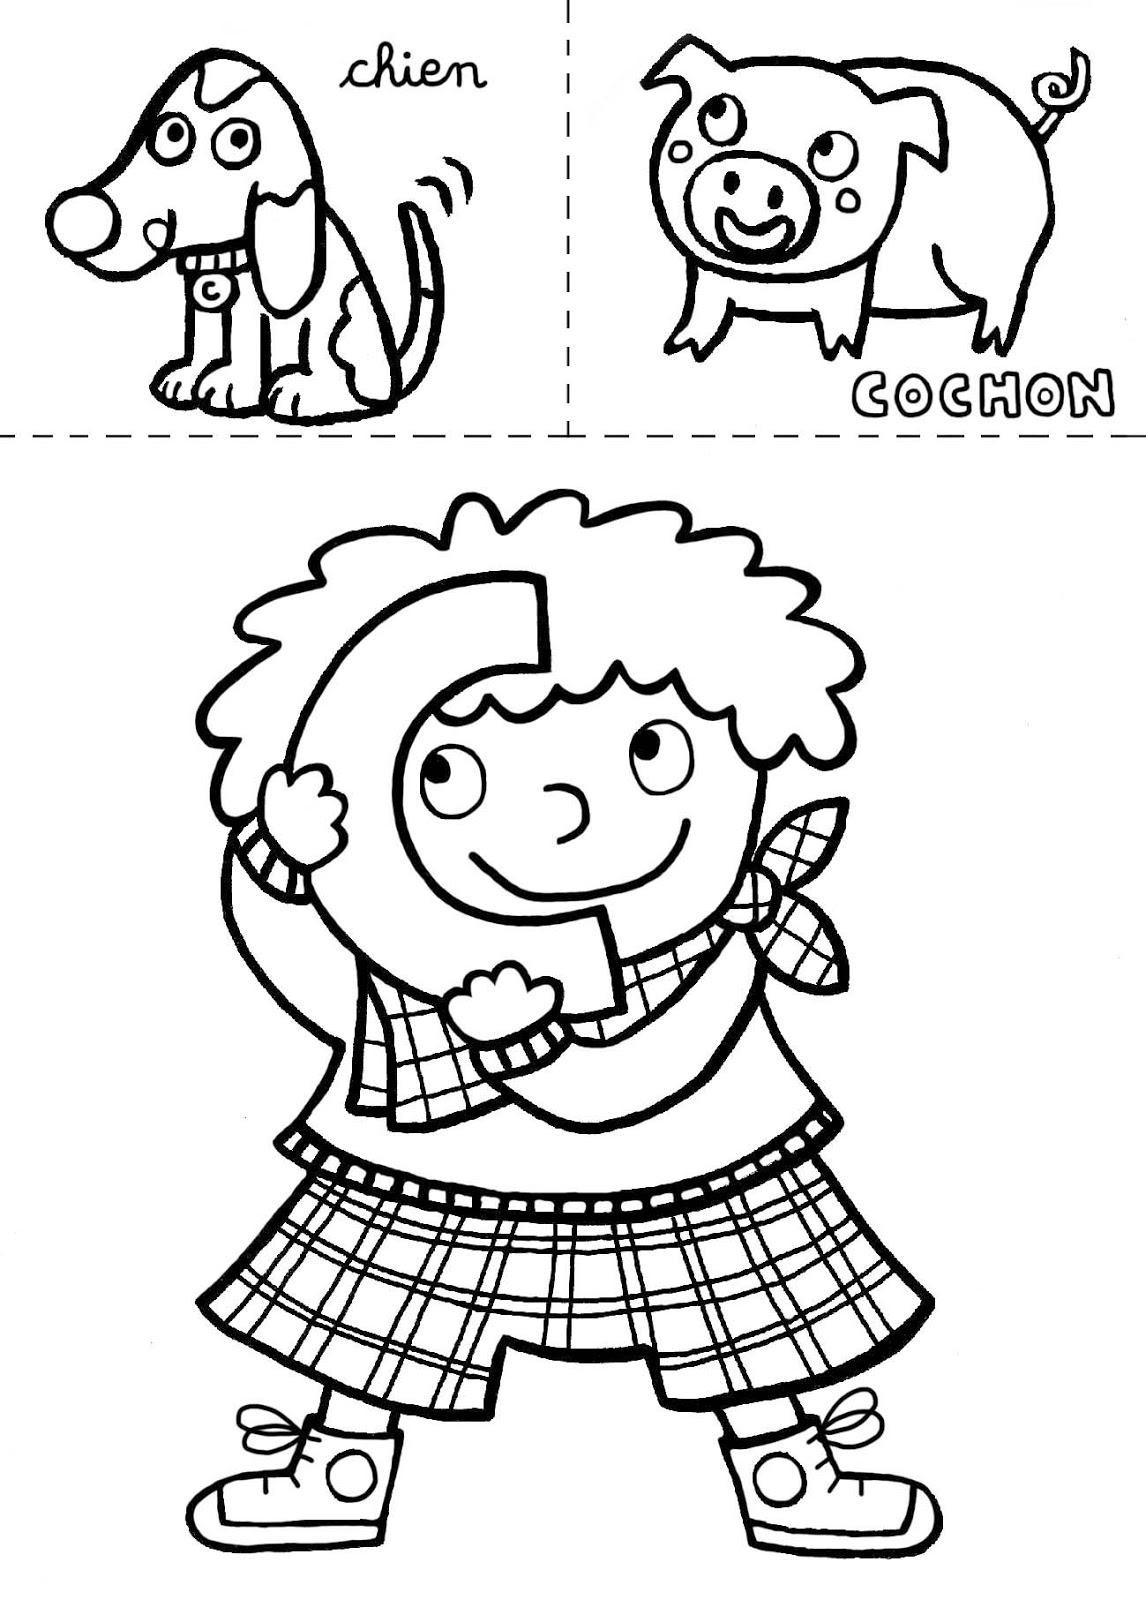 Hugo L Escargot Coloriage Alphabet | Imprimer et Obtenir une Coloriage Gratuit Ici